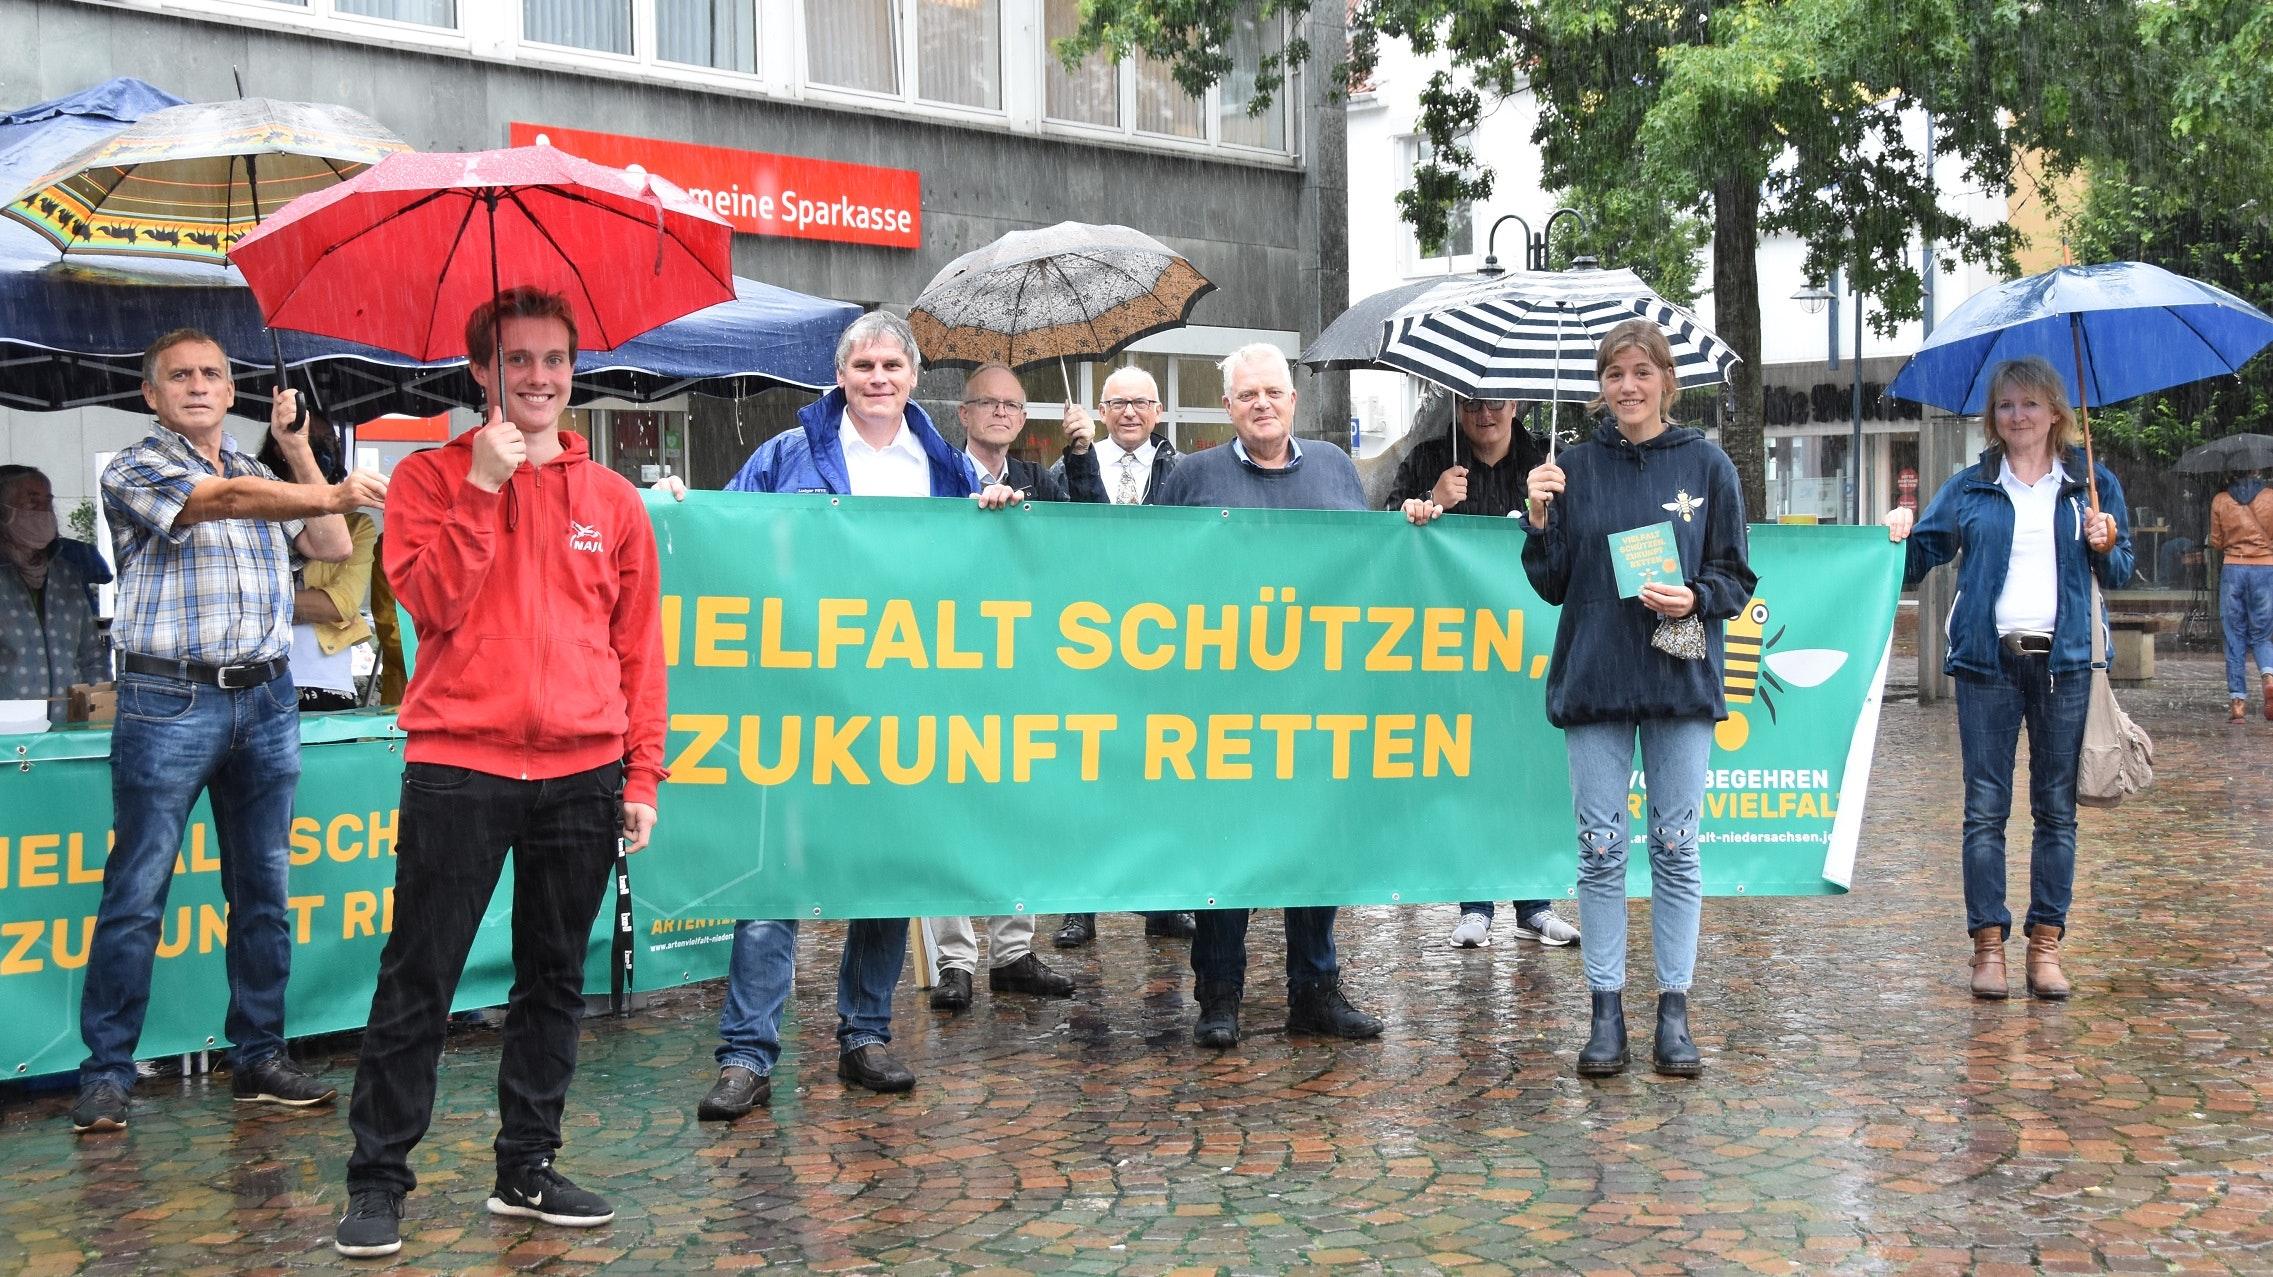 Auftakt des Volksbegehrens in Vechta: Vertreter des Aktionsbündnisses präsentierten die Initiative auf dem Neuen Markt. Foto: Tzimurtas